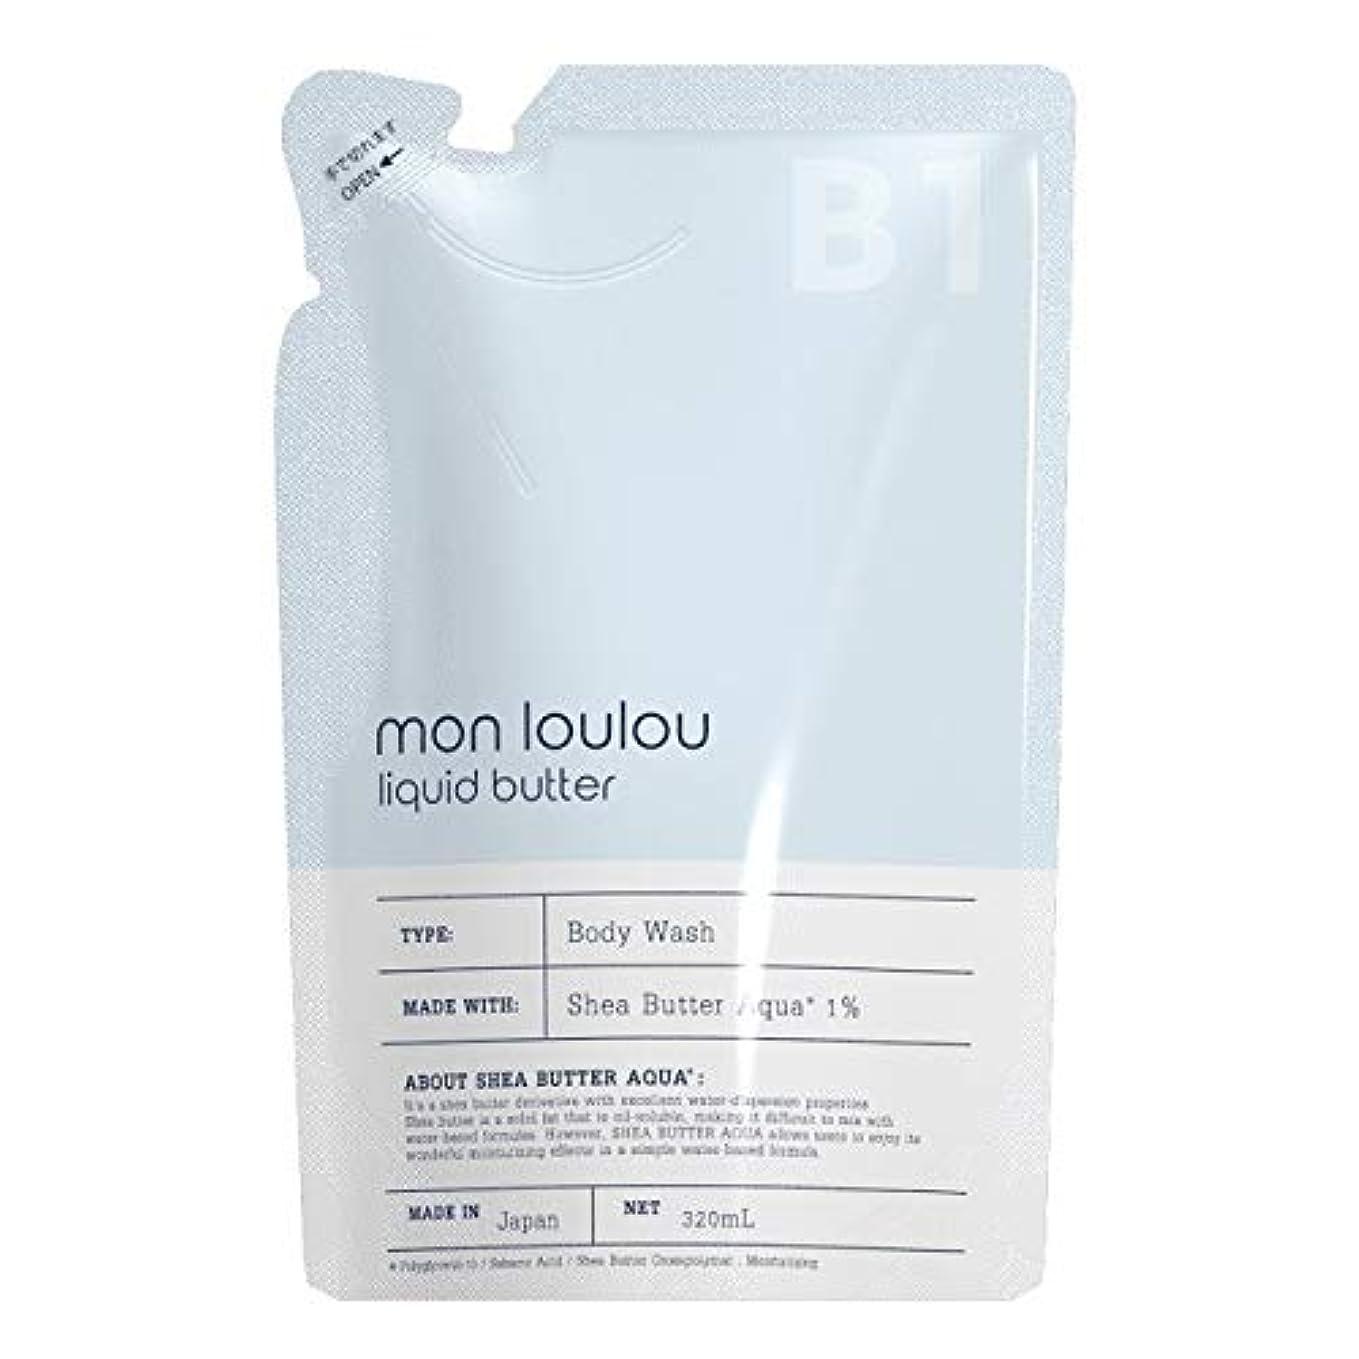 スイングロードブロッキングはっきりしないモンルル1% ボディウォッシュ 詰替 320mL